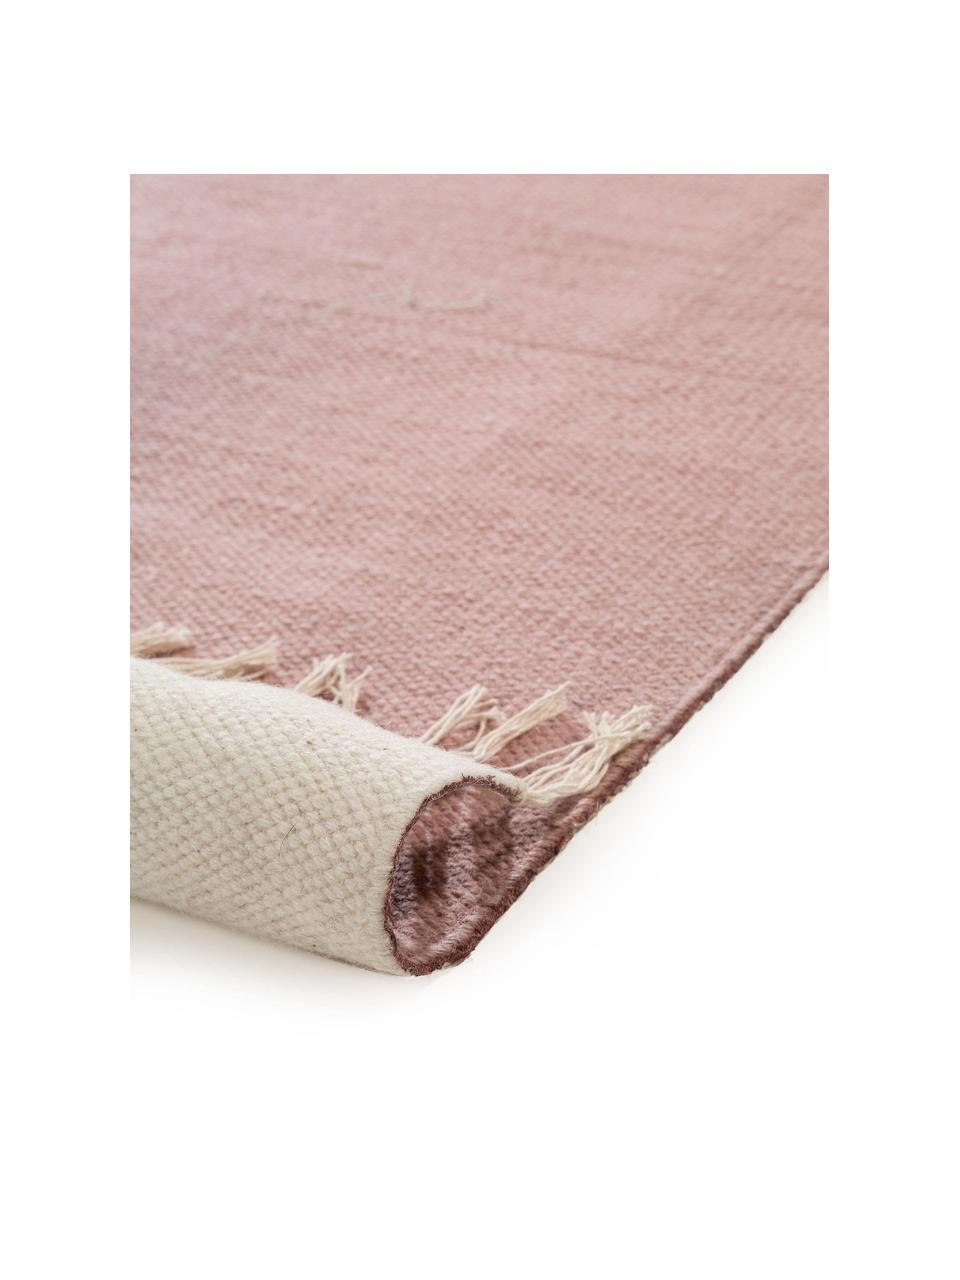 Tapis en laine rose à franges Oasis, Rose, beige, taupe